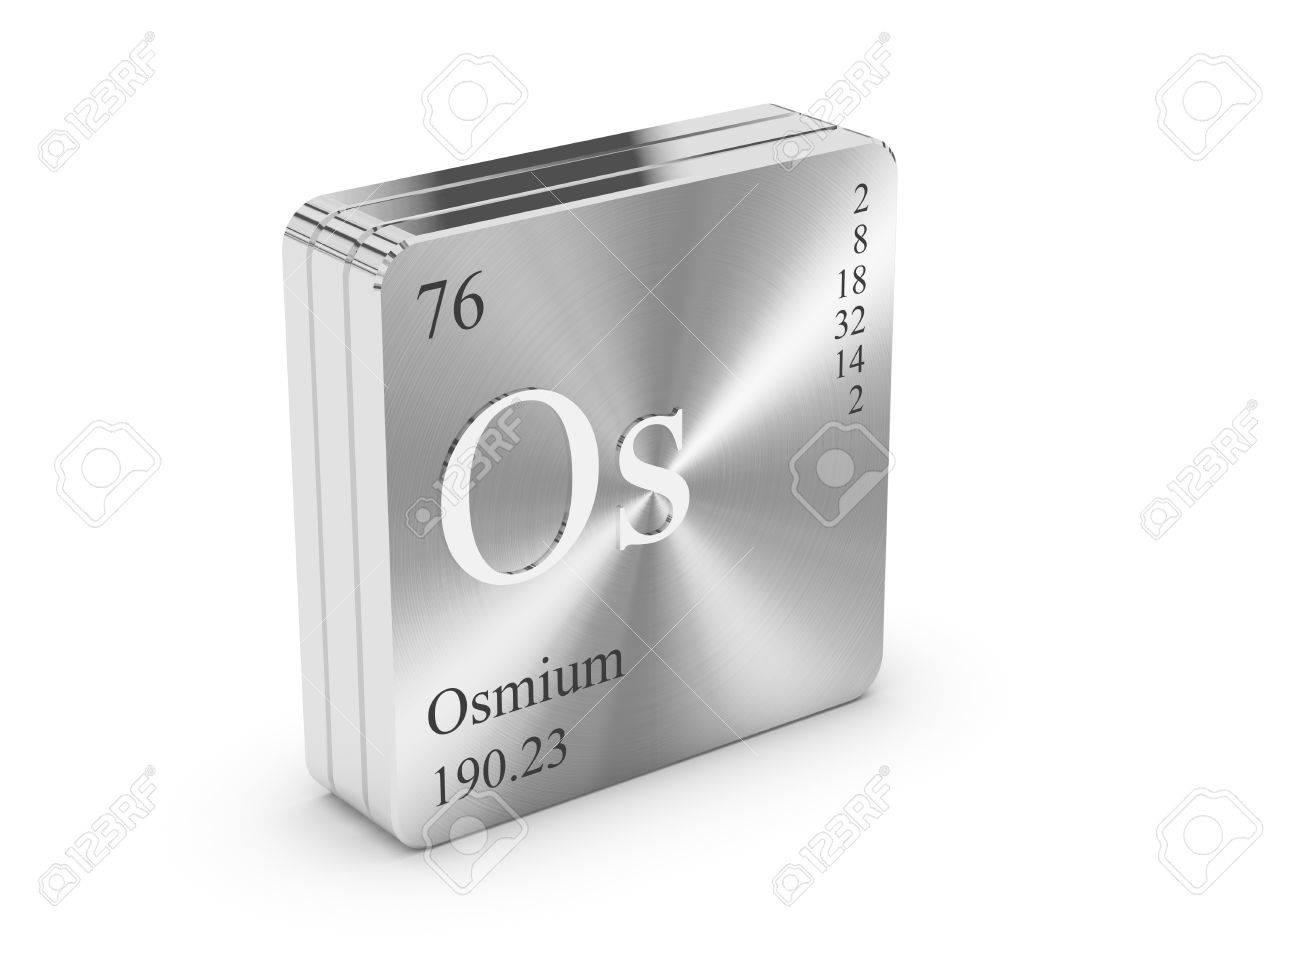 Osmio elemento de la tabla peridica en el bloque de metal de foto de archivo osmio elemento de la tabla peridica en el bloque de metal de acero urtaz Gallery